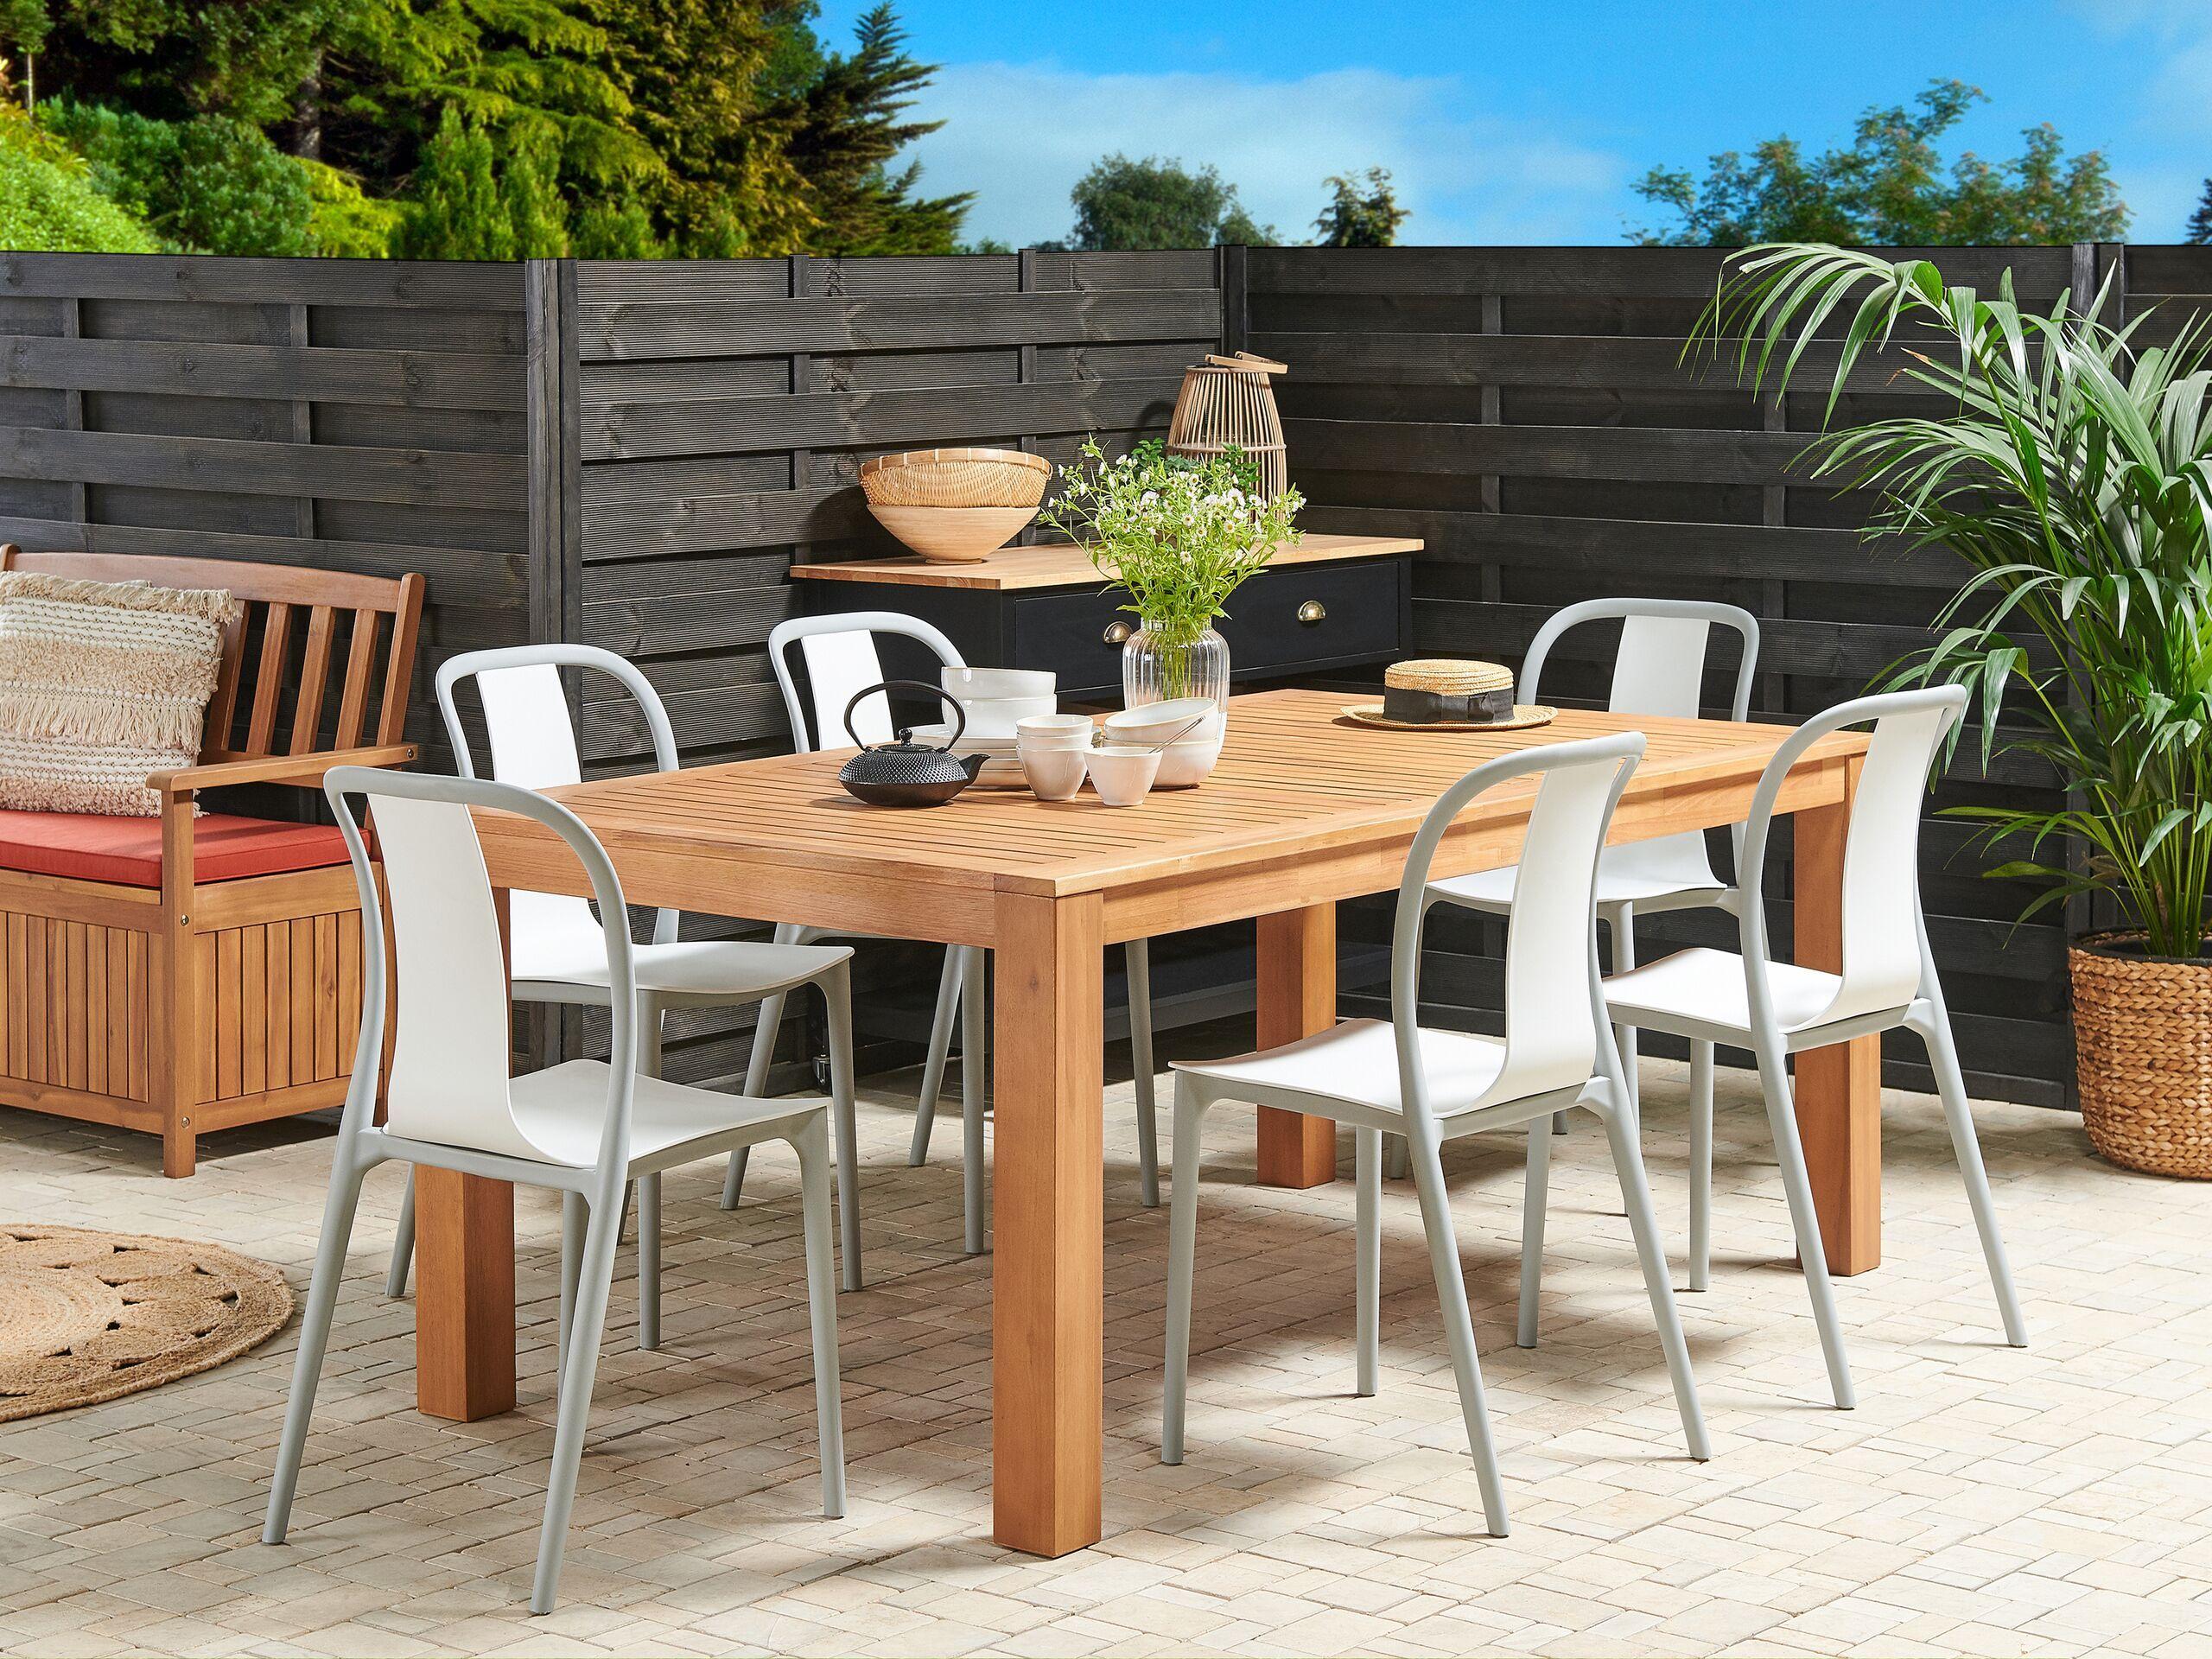 beliani set di 6 sedie da esterno in colore bianco e grigio